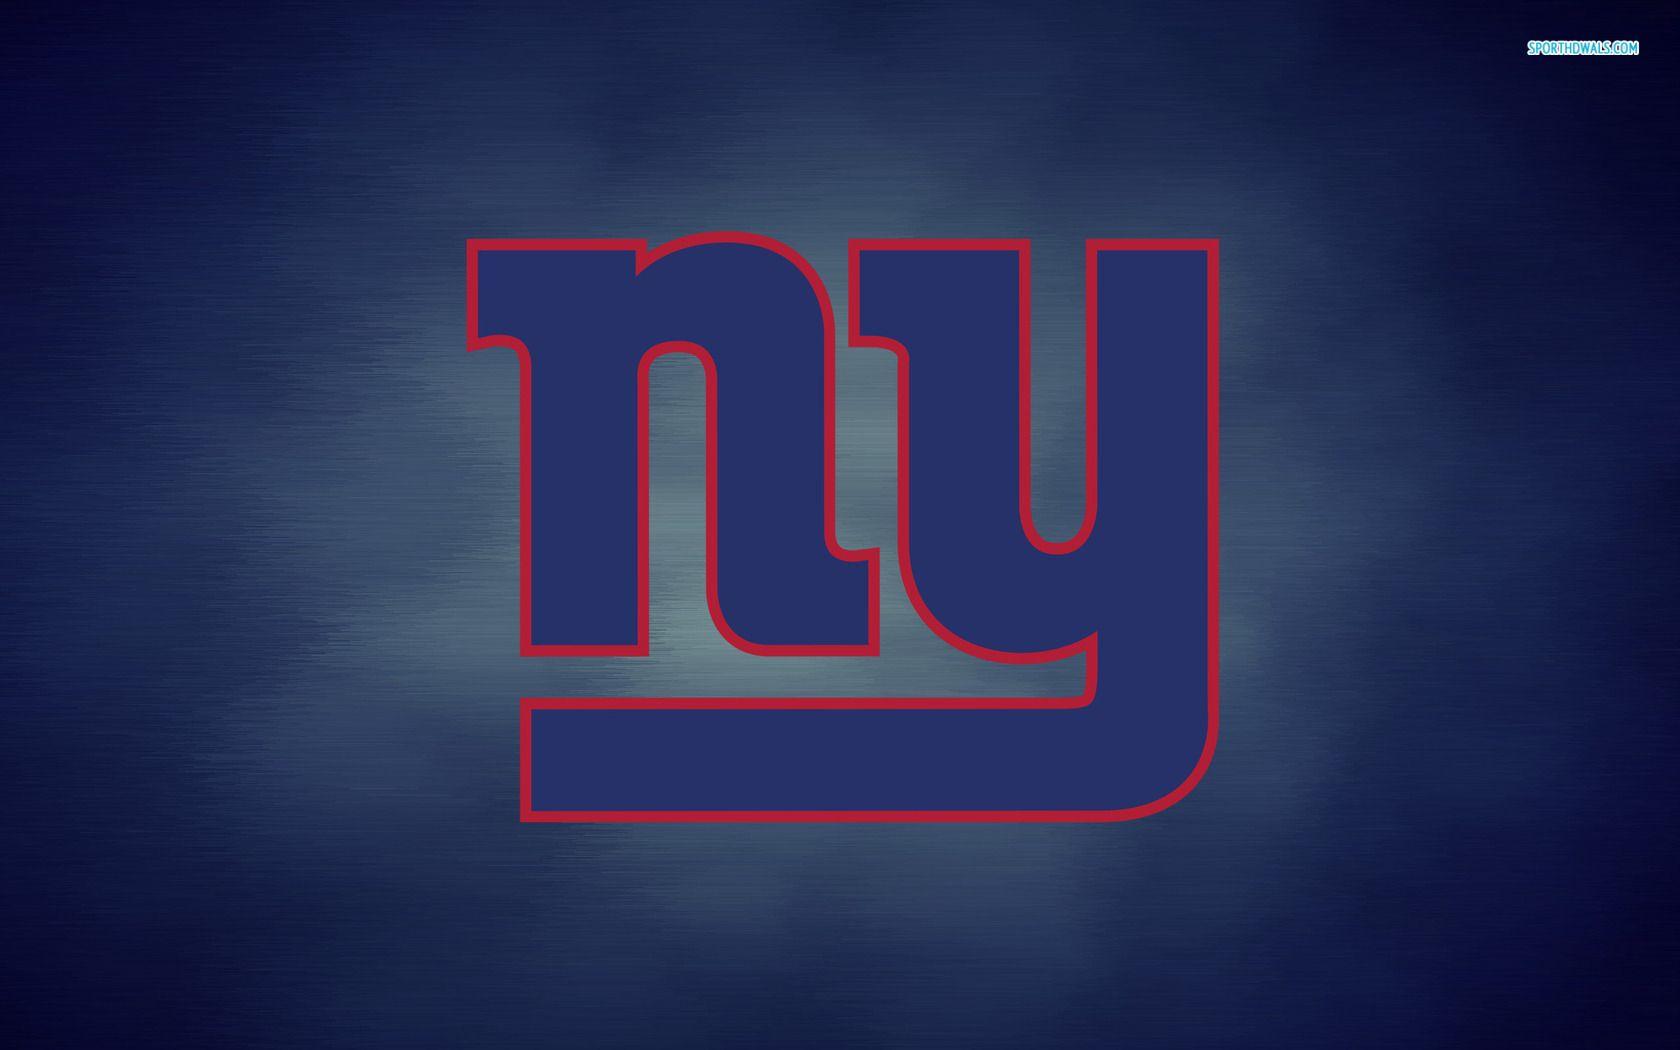 New York Giants Wallpaper New York Giants Ny Giants New York Giants Football